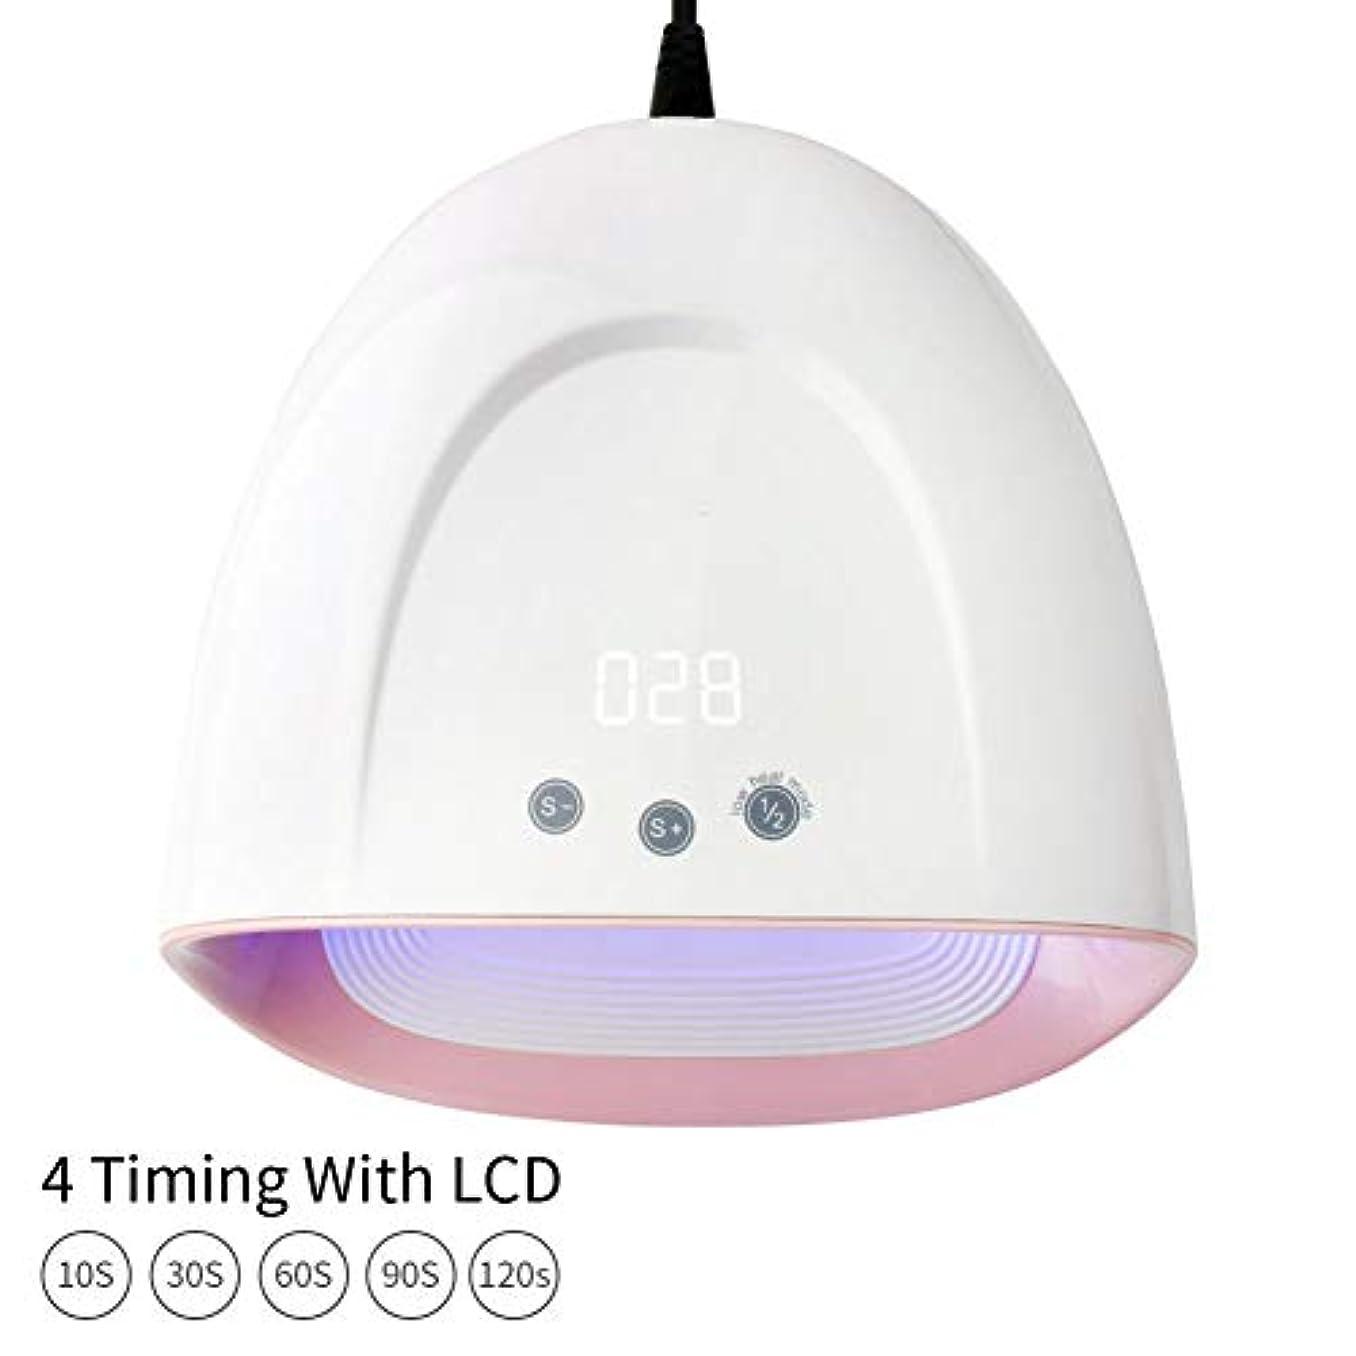 ネイルドライヤー - LED光線療法ネイルマシン60Wマルチタイムタイミング33ランプビーズ4スピードタイミング接着剤隠しデジタルスクリーン